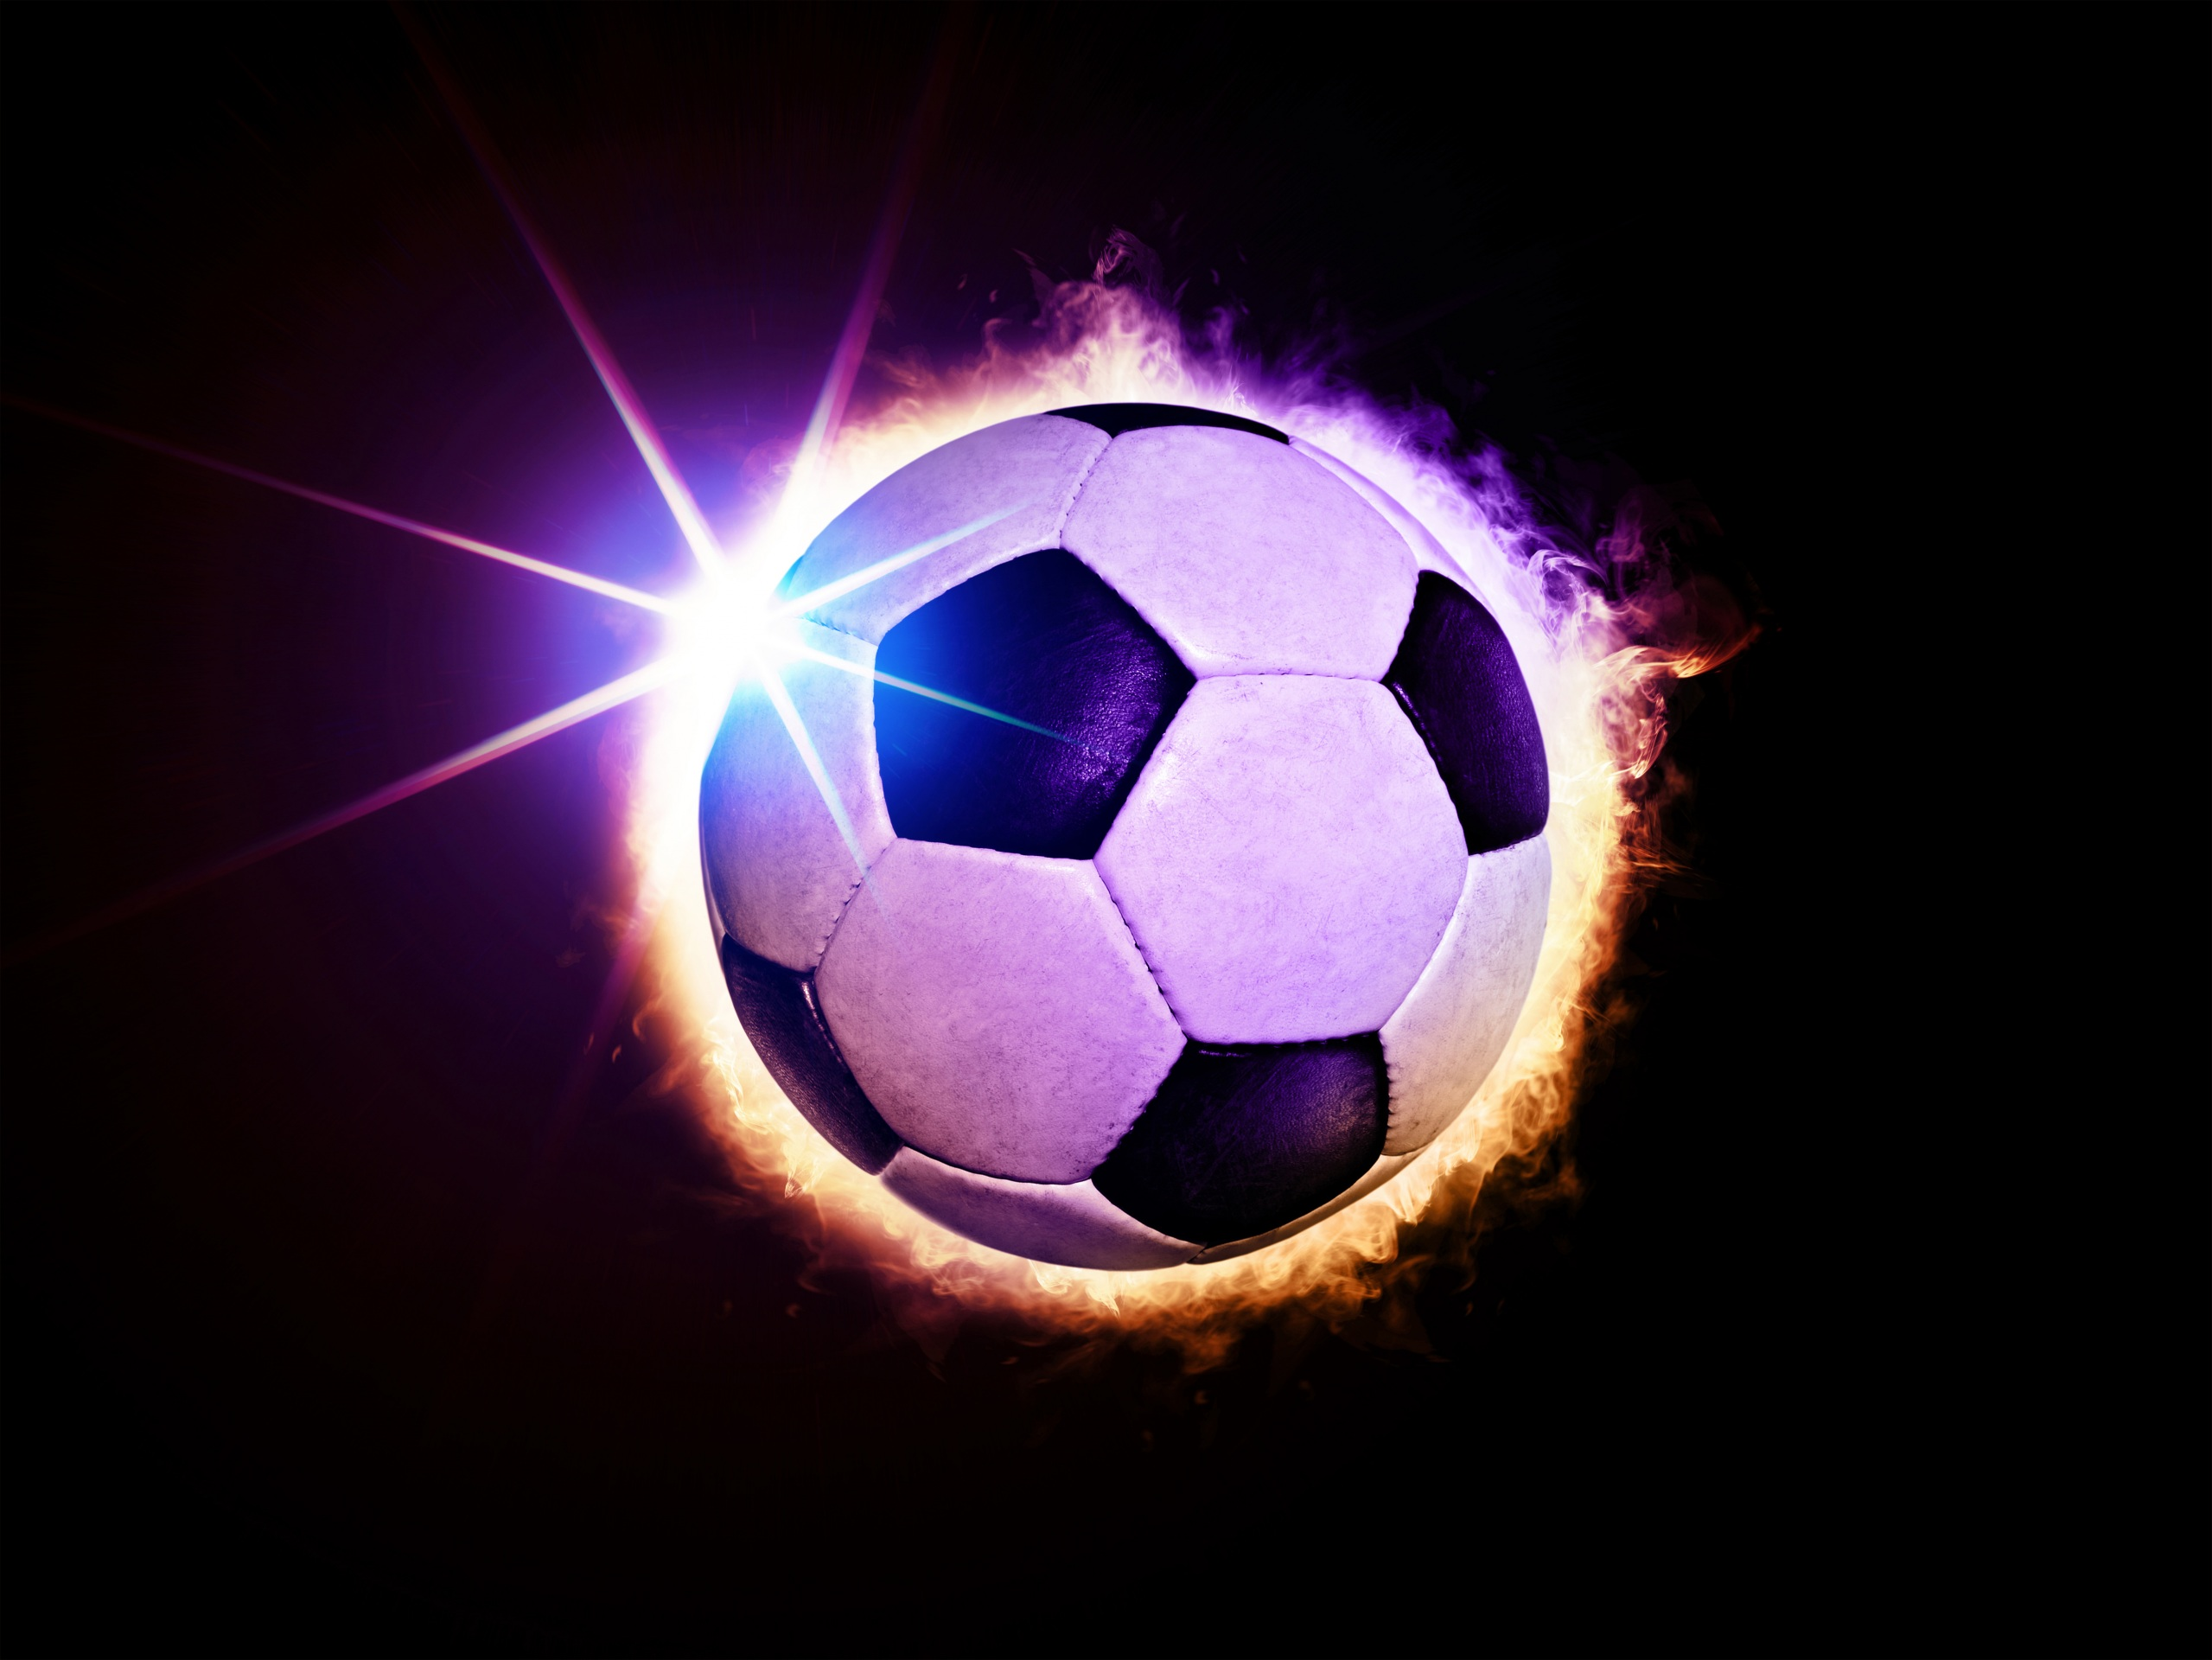 Фотографии Лучи света Футбол спортивный Мяч Черный фон 2559x1920 Спорт спортивная спортивные Мячик на черном фоне